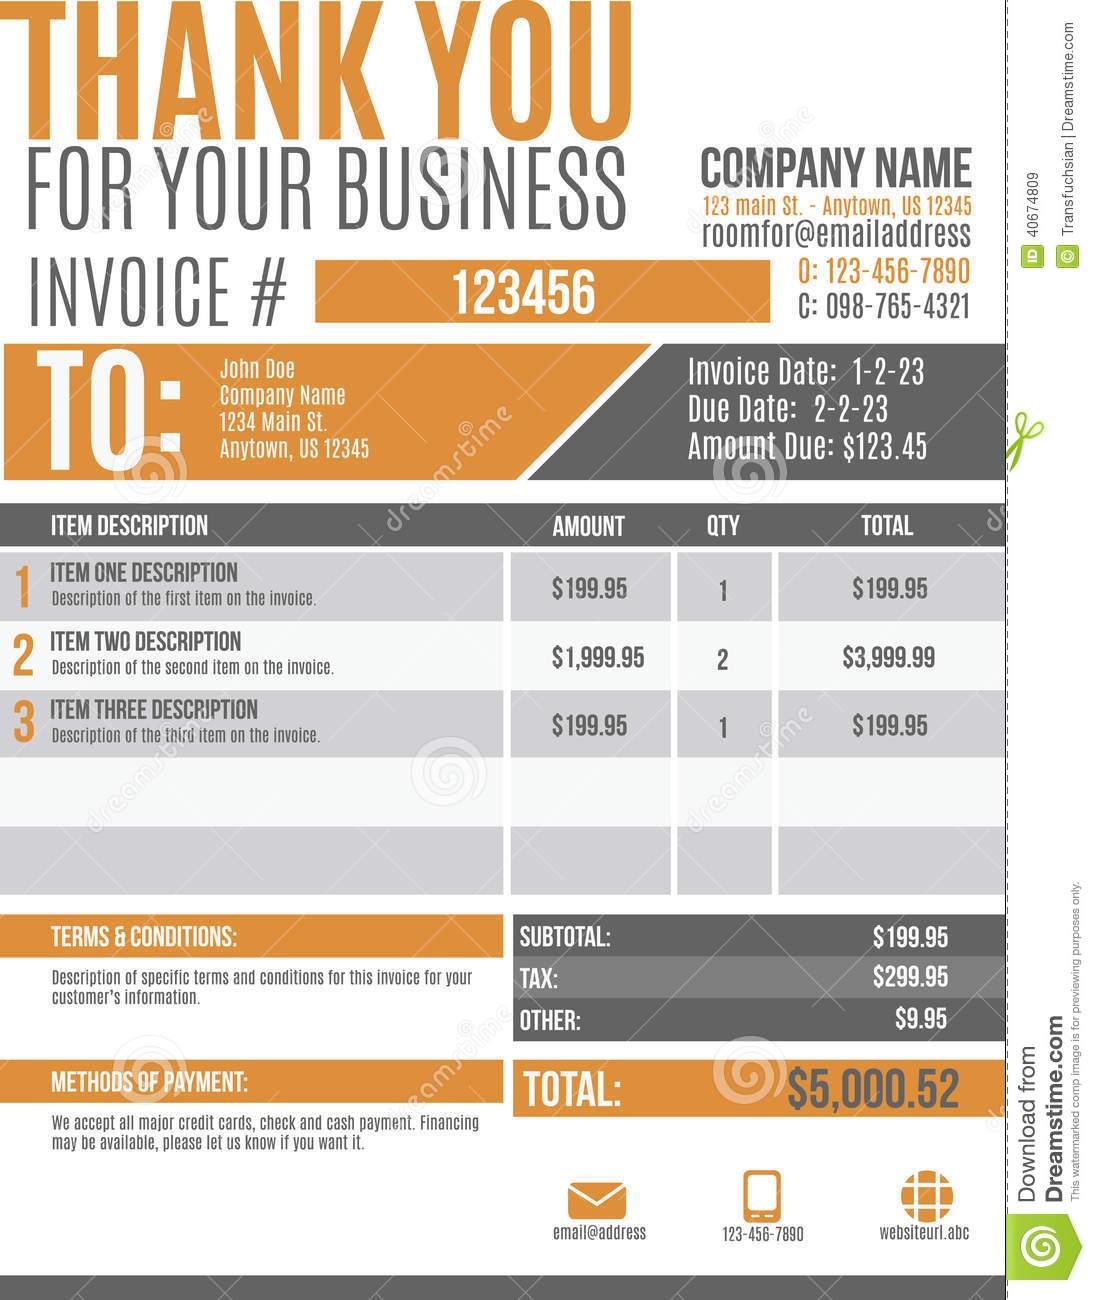 invoice design free design invoice template free invoice template 1095 X 1300